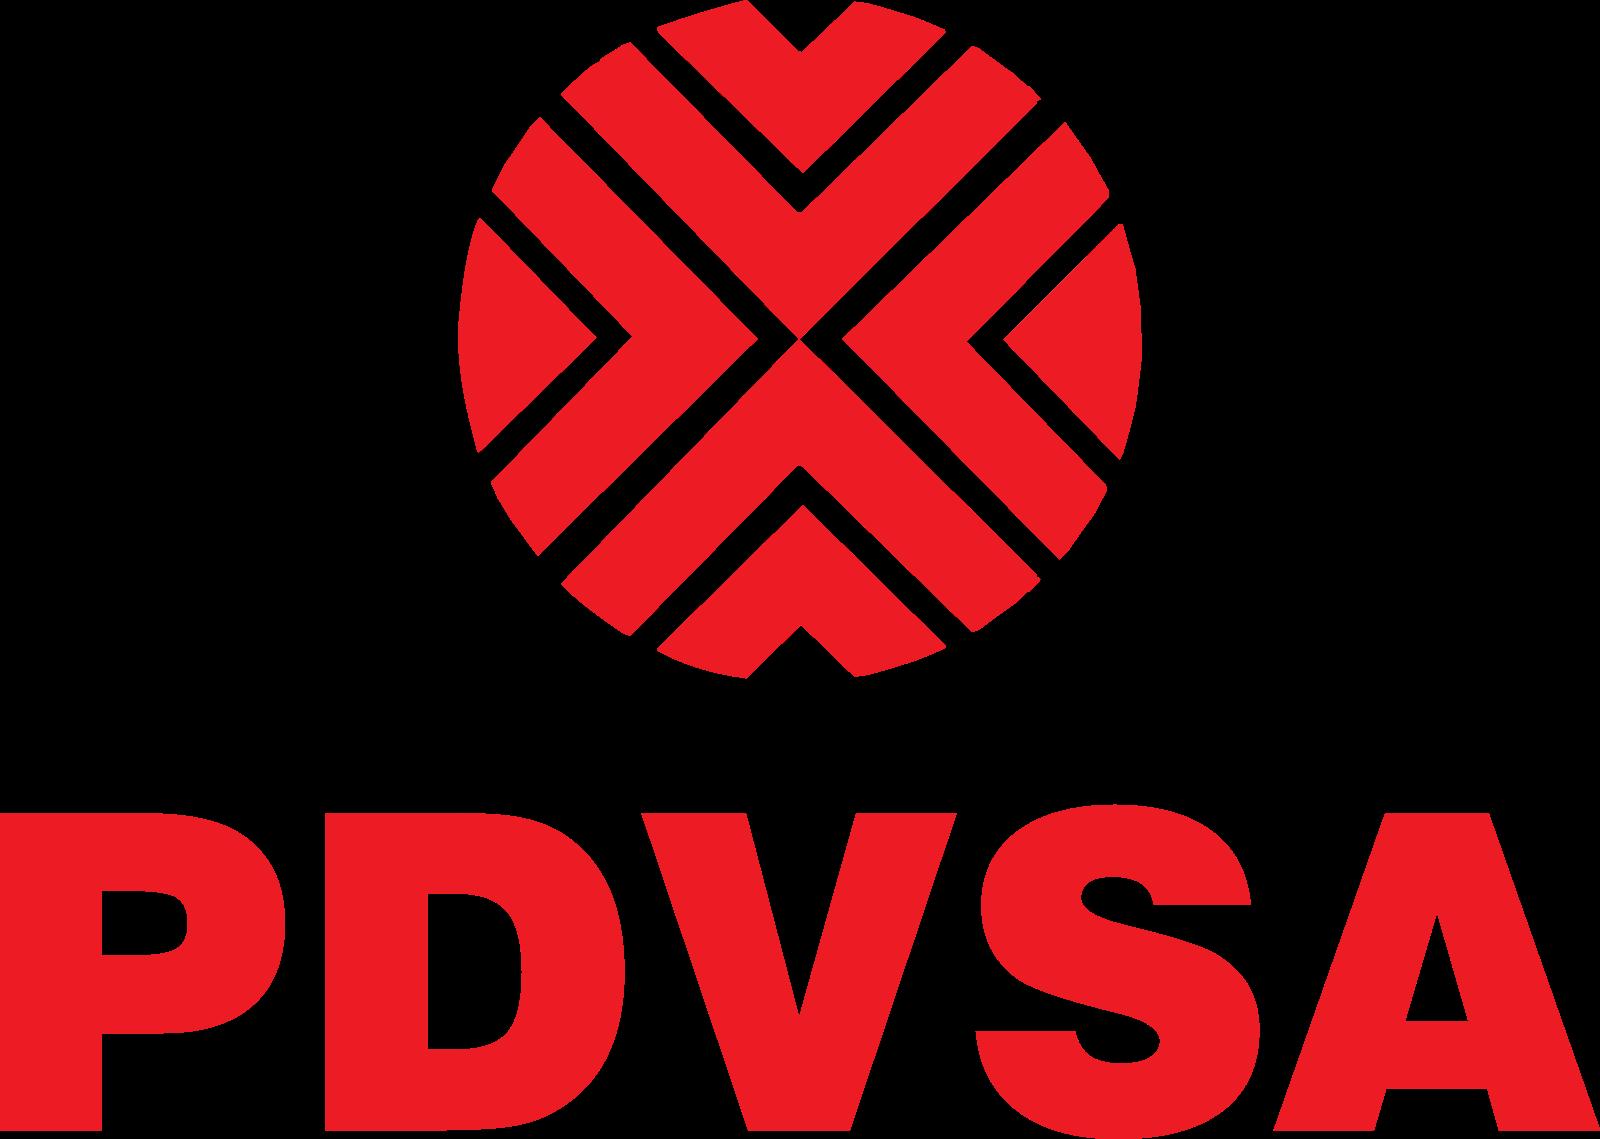 pdvsa logo 22 - PDVSA Logo